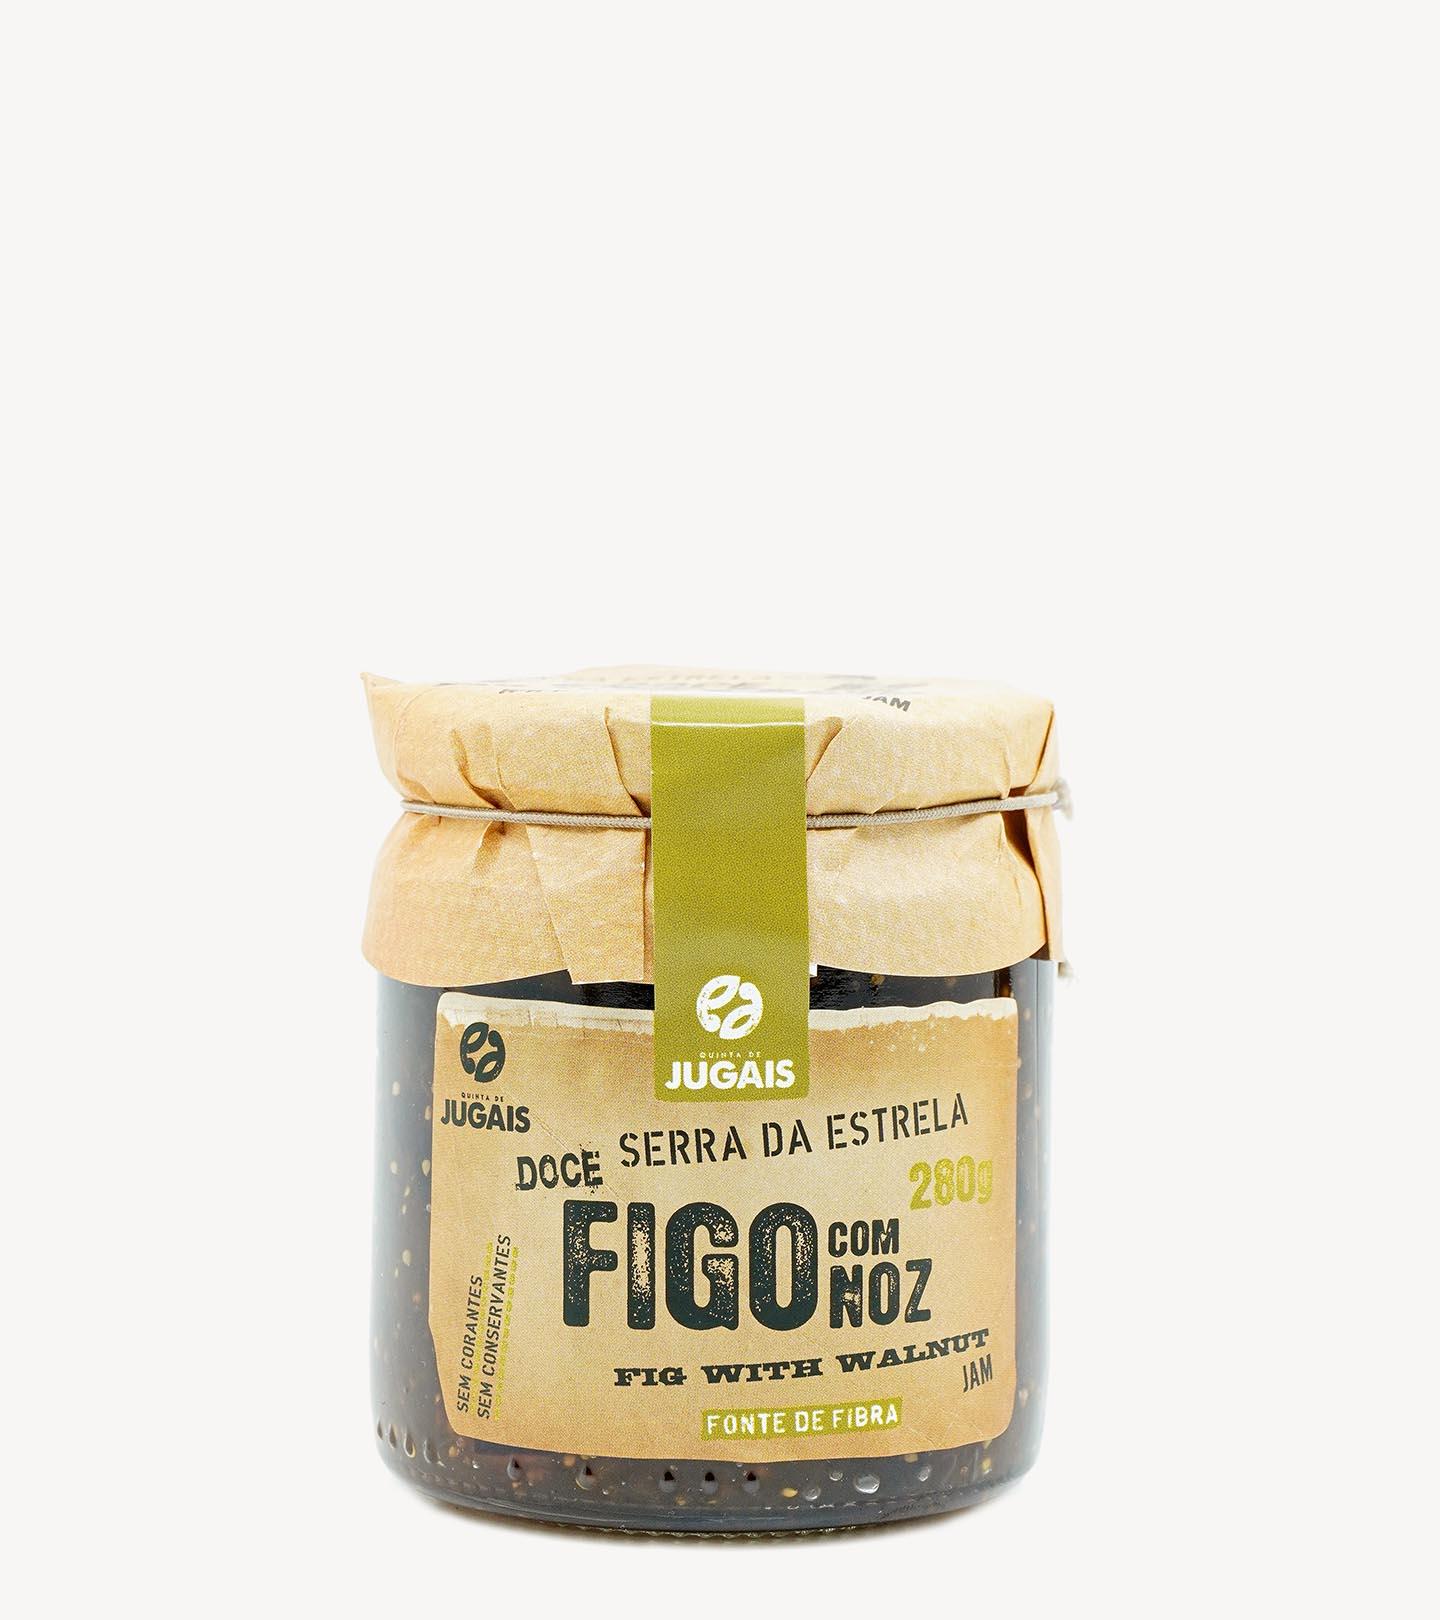 Compota Figo e Nozes Quinta de Jugais 280g